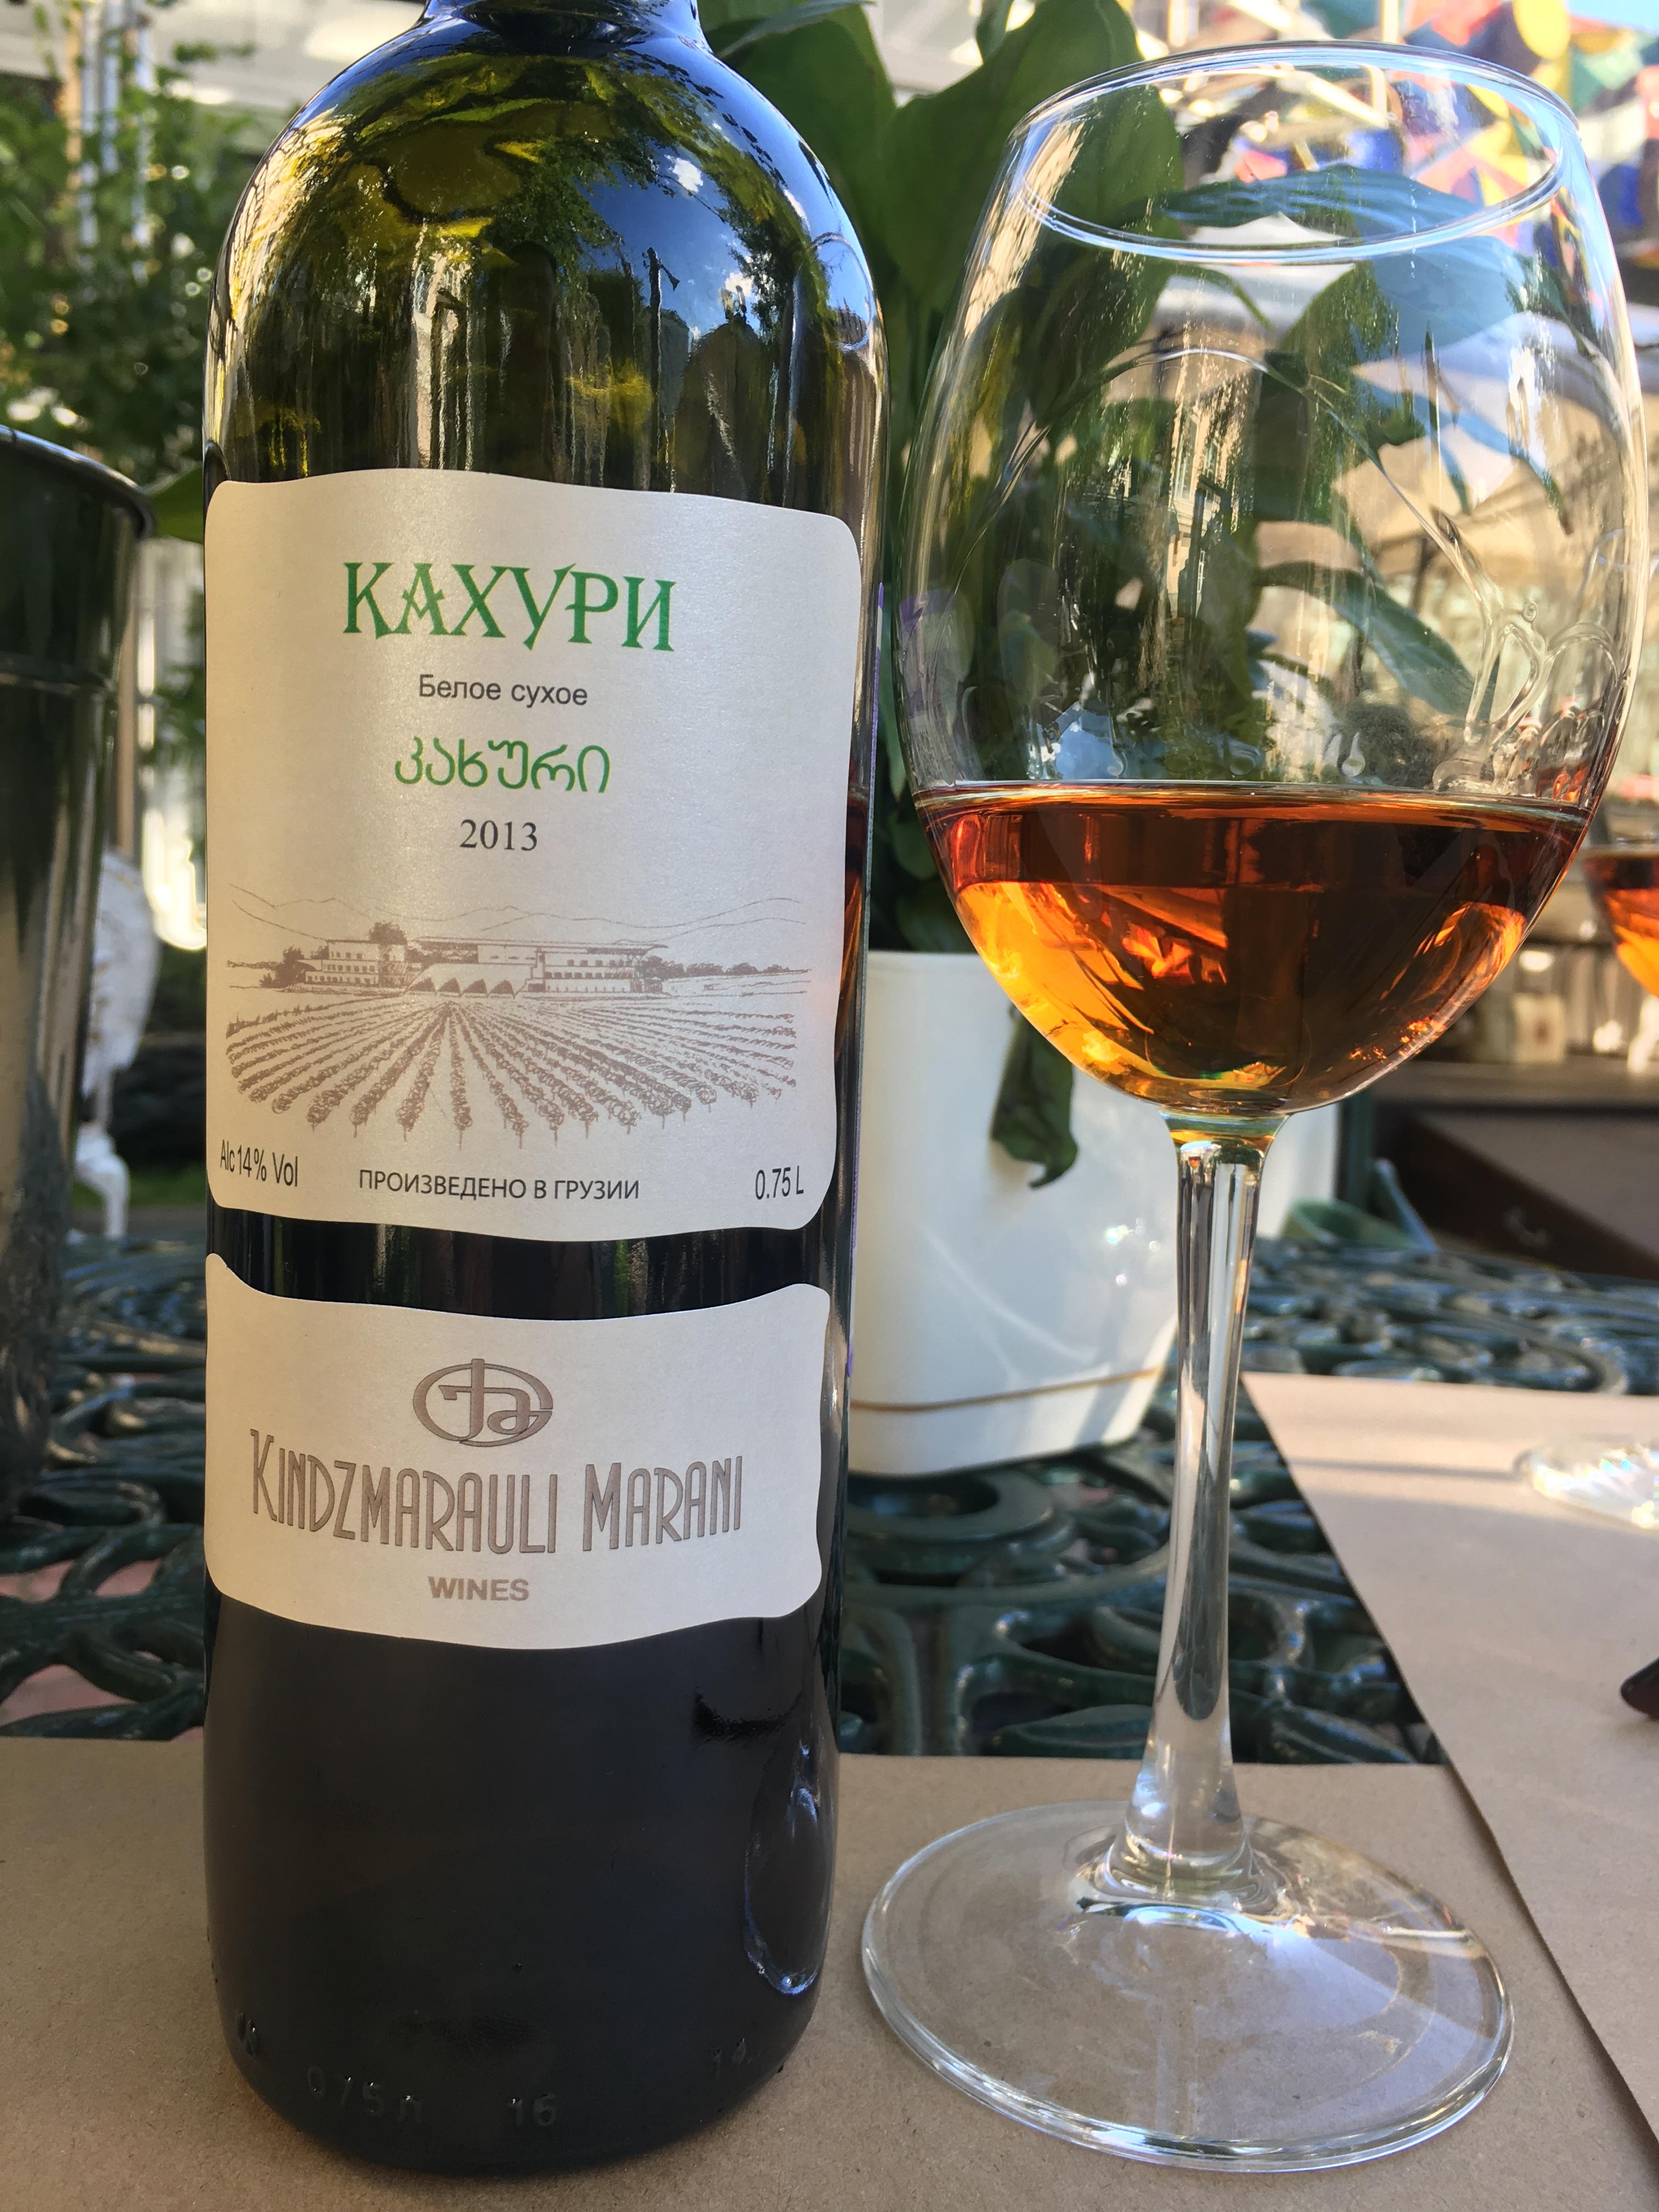 грузинское белое вино квеври qvevri кахури kakhuri 2013 пейзажи природы Альберт Сафиуллин